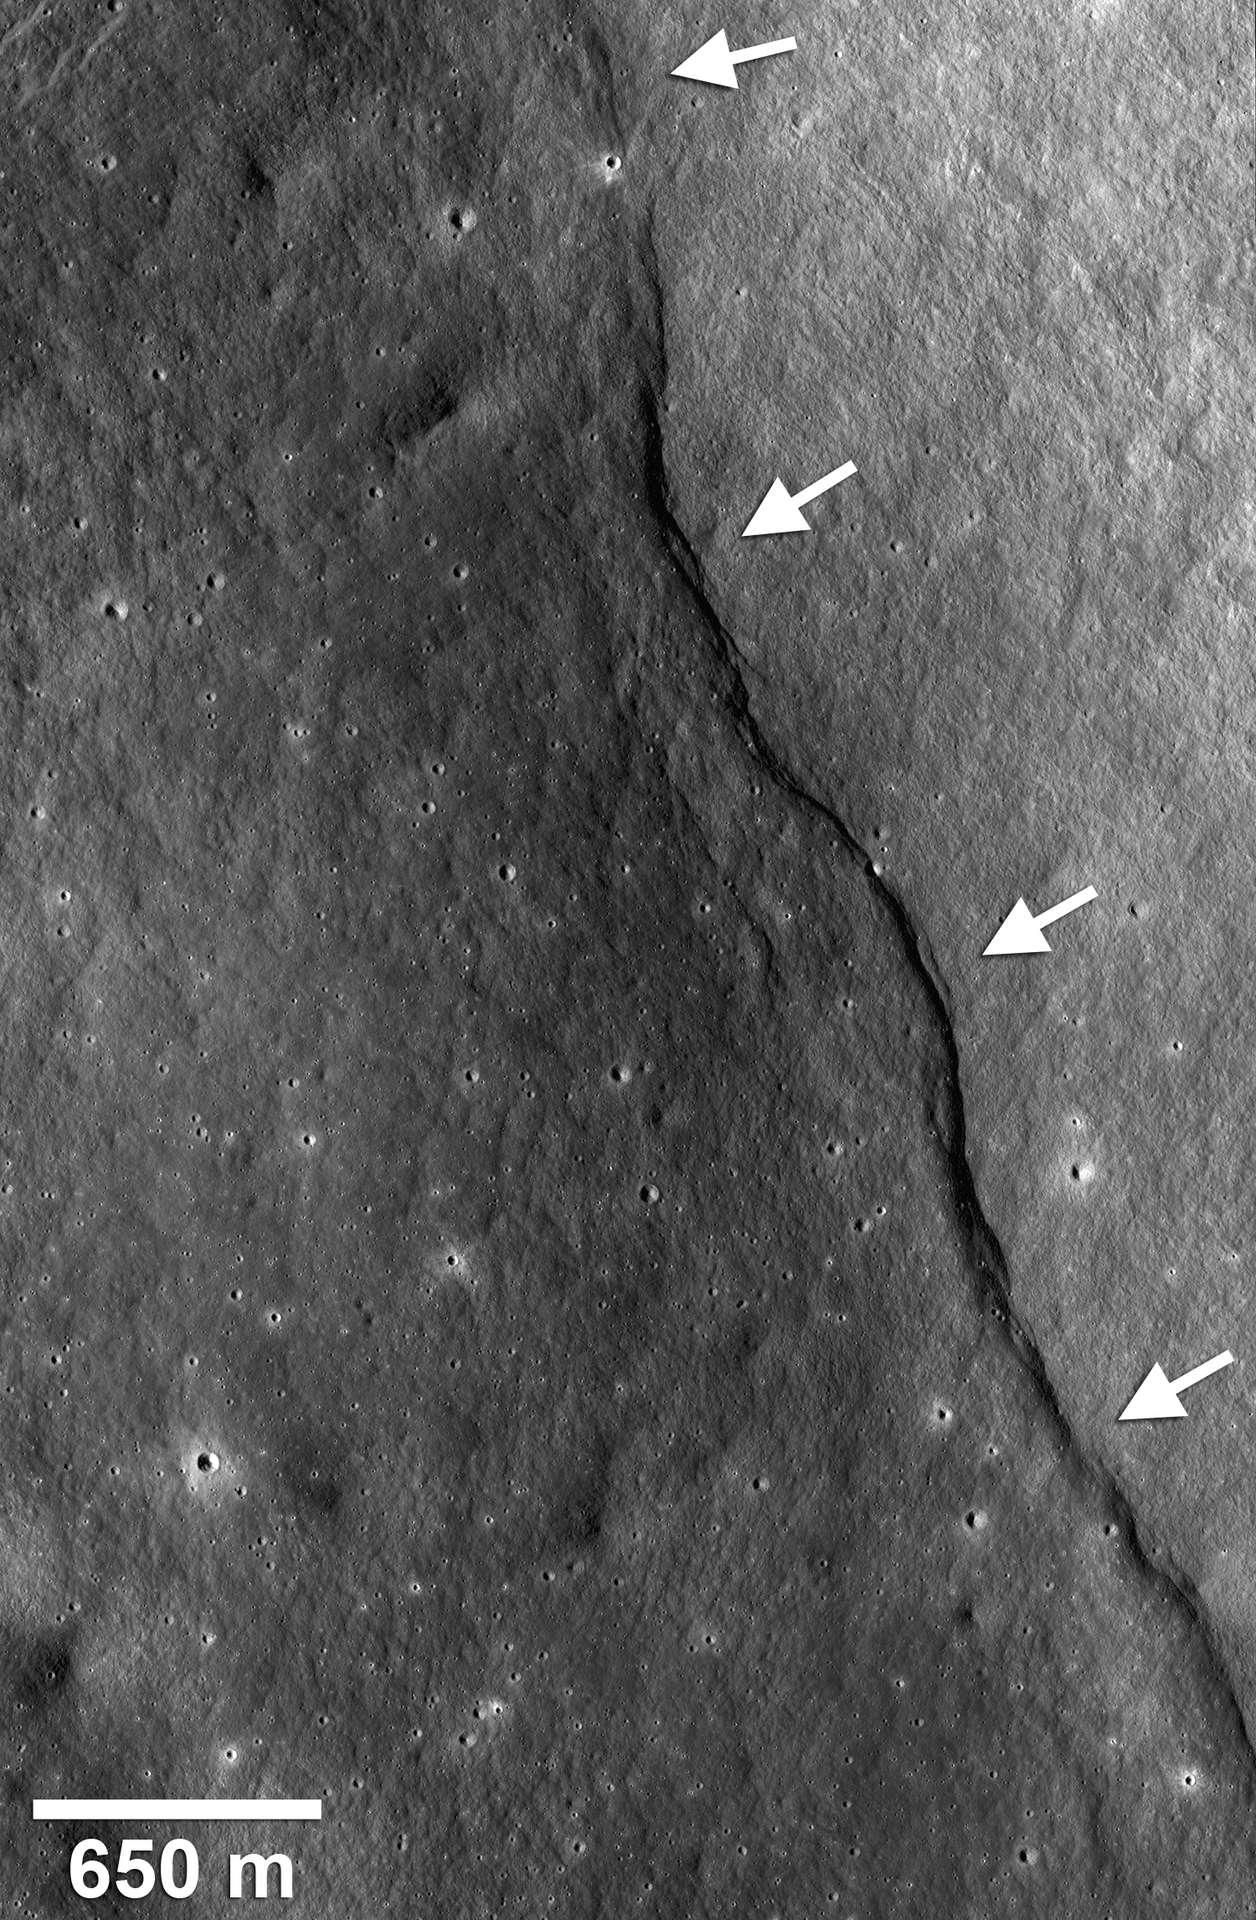 Près du cratère Gregory (2,1°N, 128,1°E), un escarpement de faille est bien visible, comme le montrent les flèches blanches. Crédit : Nasa/Goddard/Arizona State University/Smithsonian